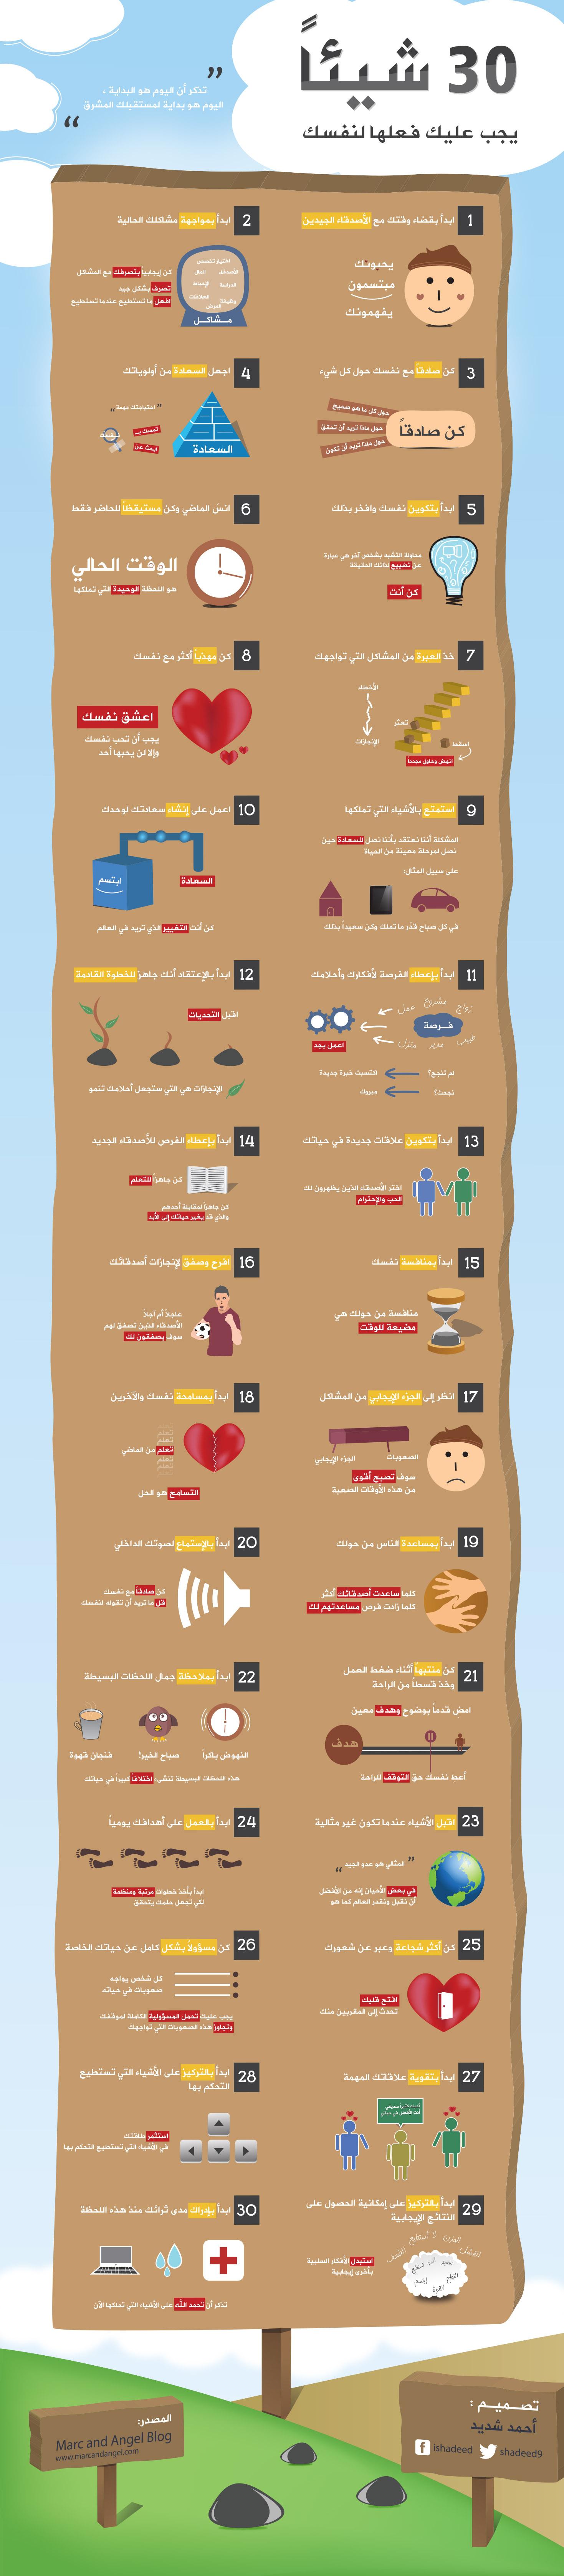 30 شيئاً لأجل نفسك | مخطط معلومات